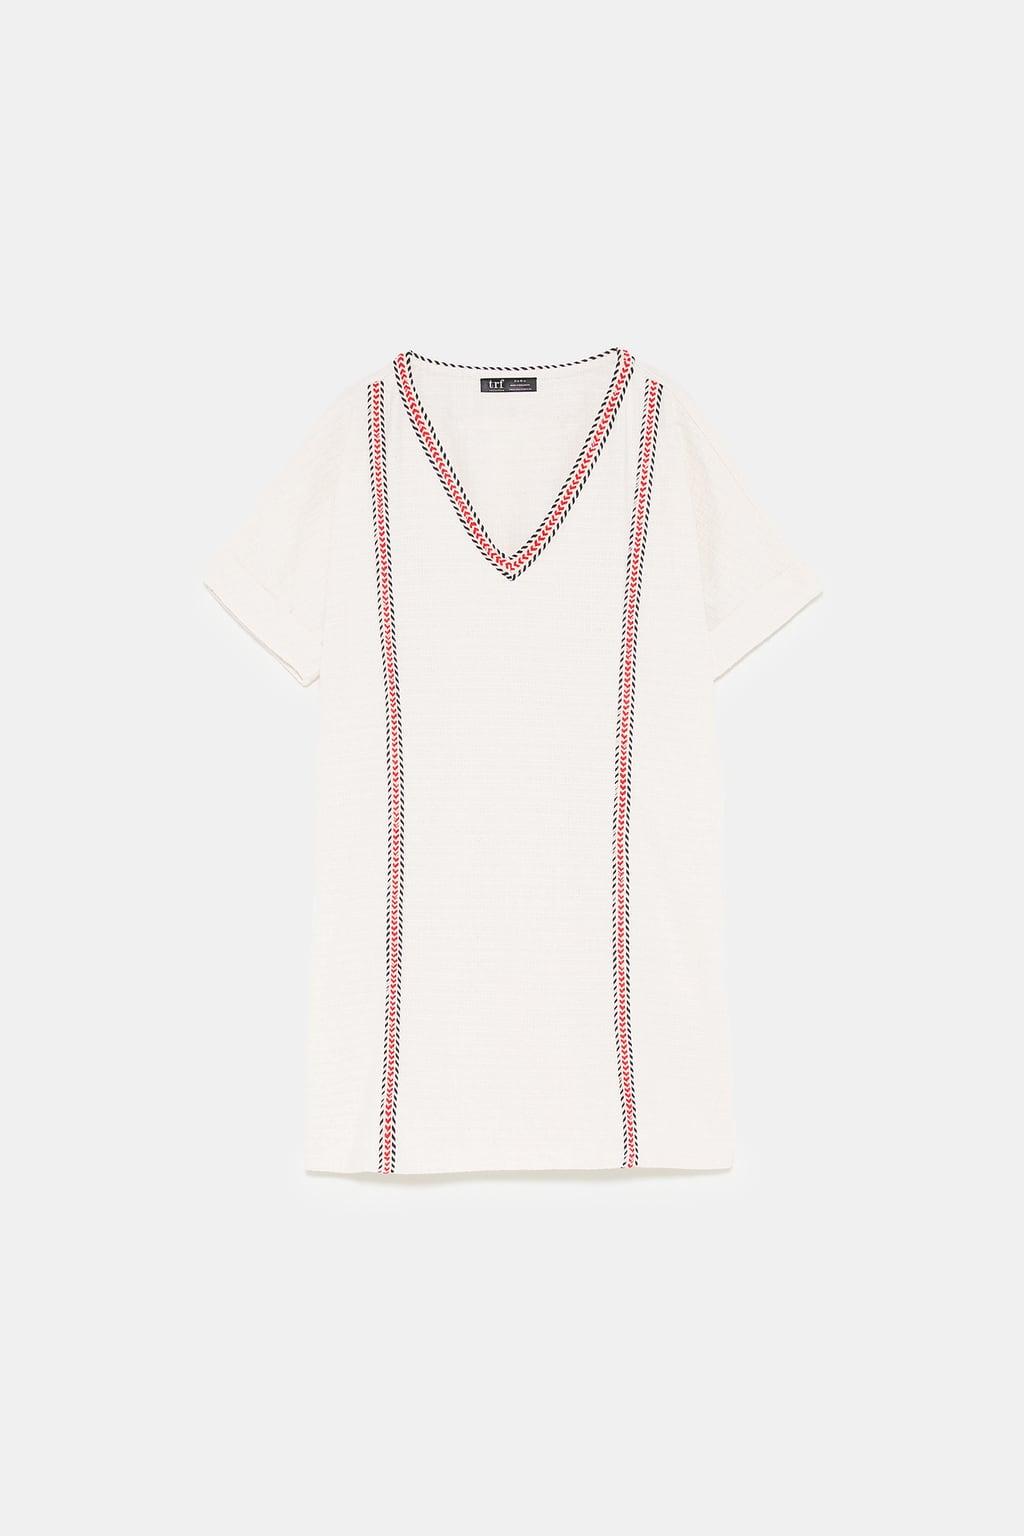 thời trang cung hoàng đạo đầm tweed